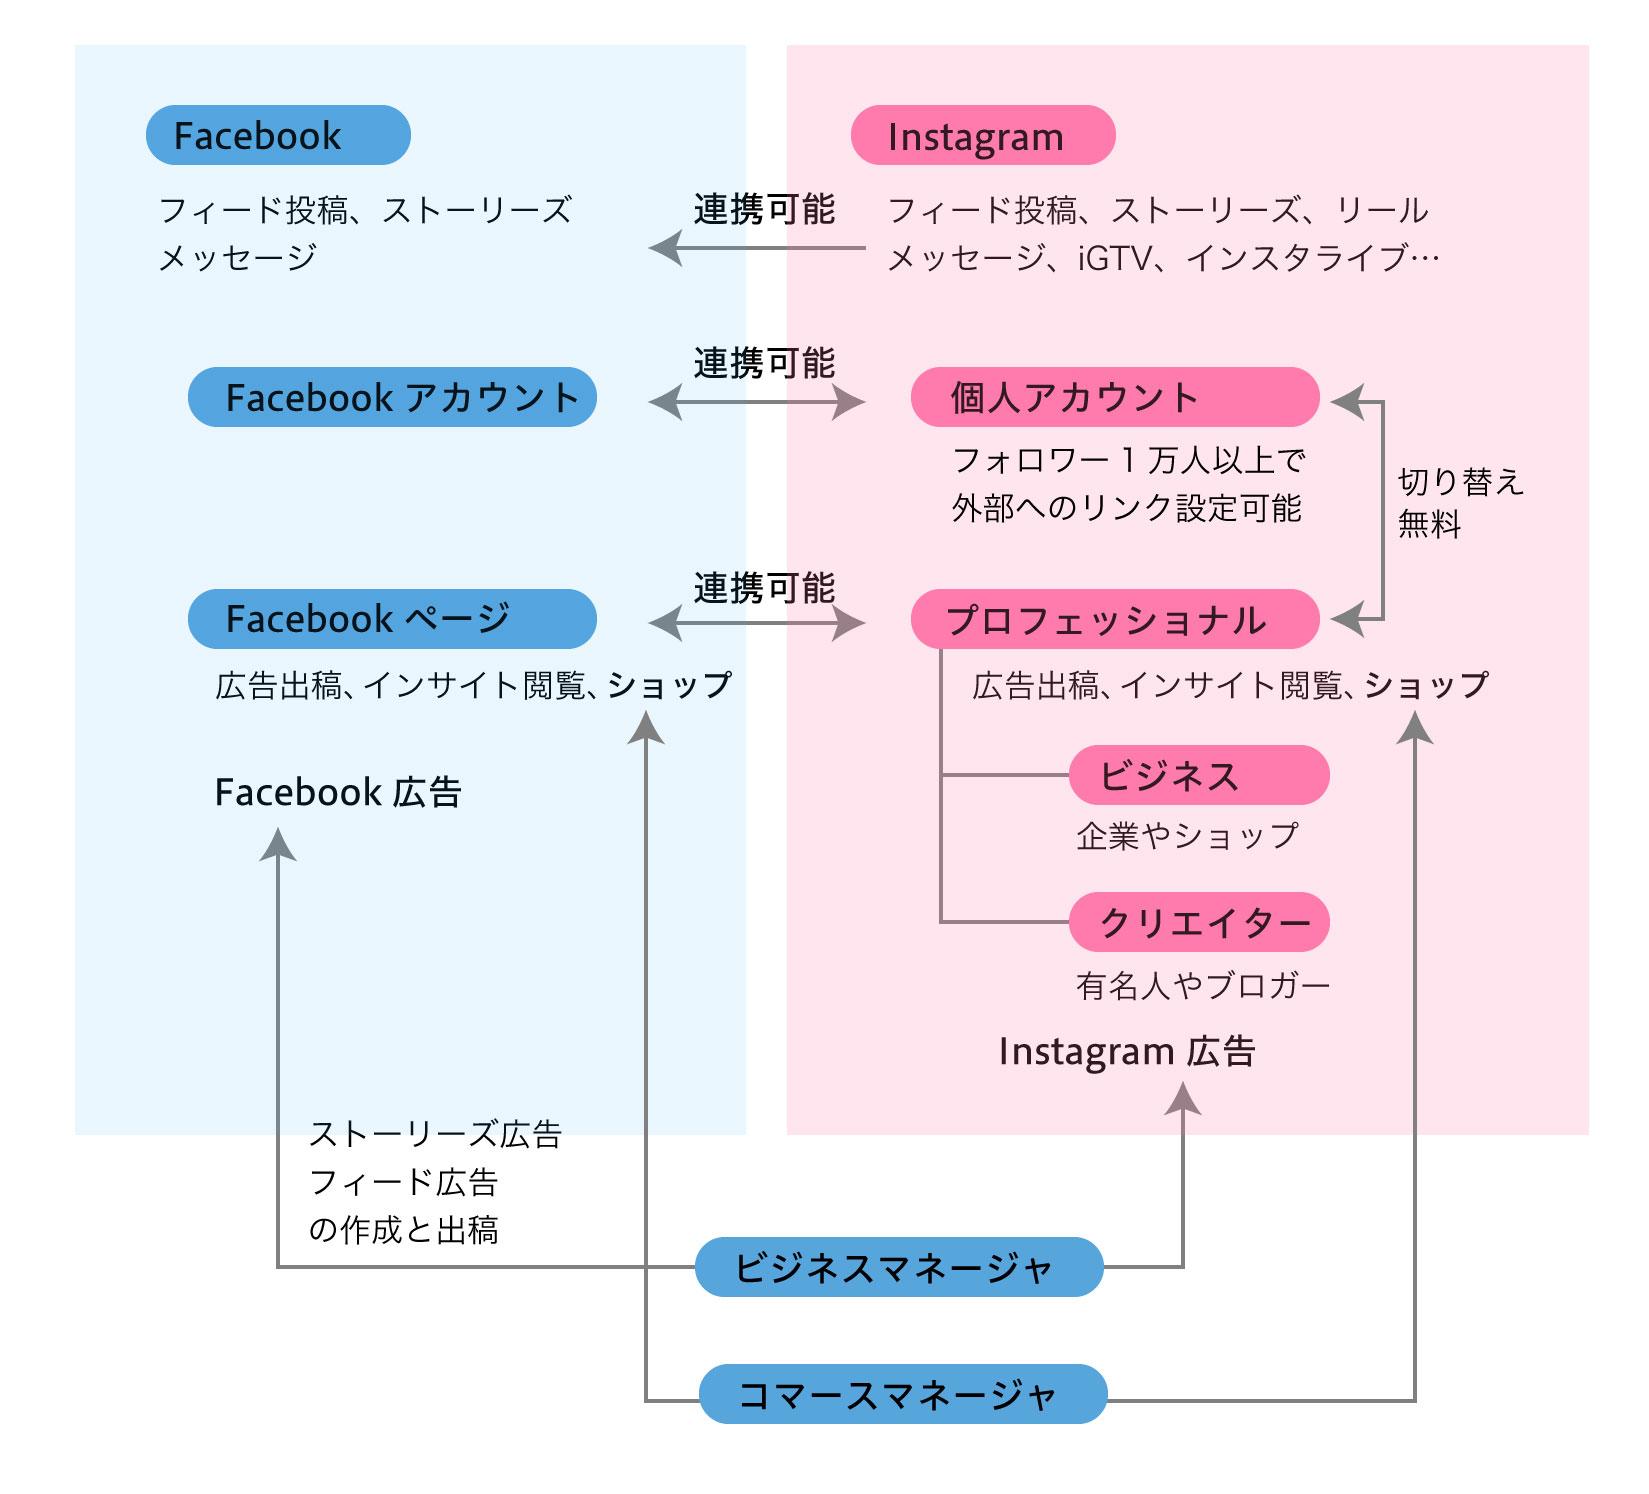 Instagramの機能とFacebook連携の関係図